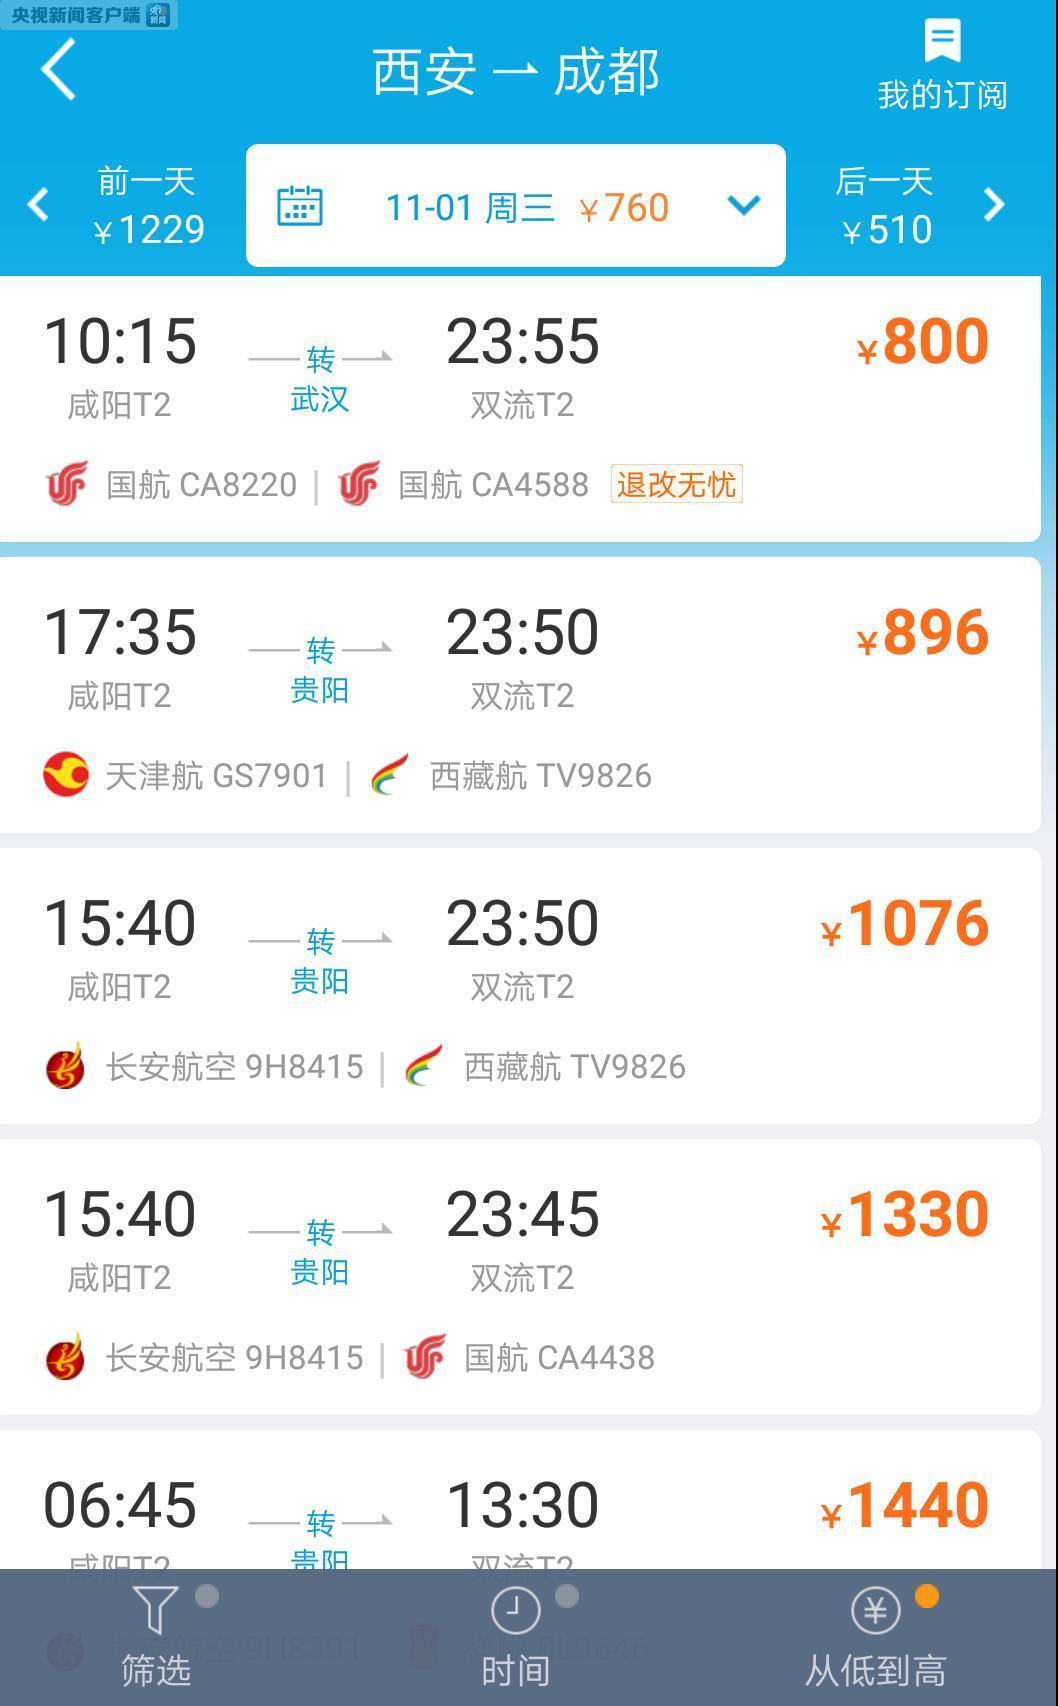 西安直飞成都航班全部取消 民航管理局cf体验黄鱼介入调查_财经